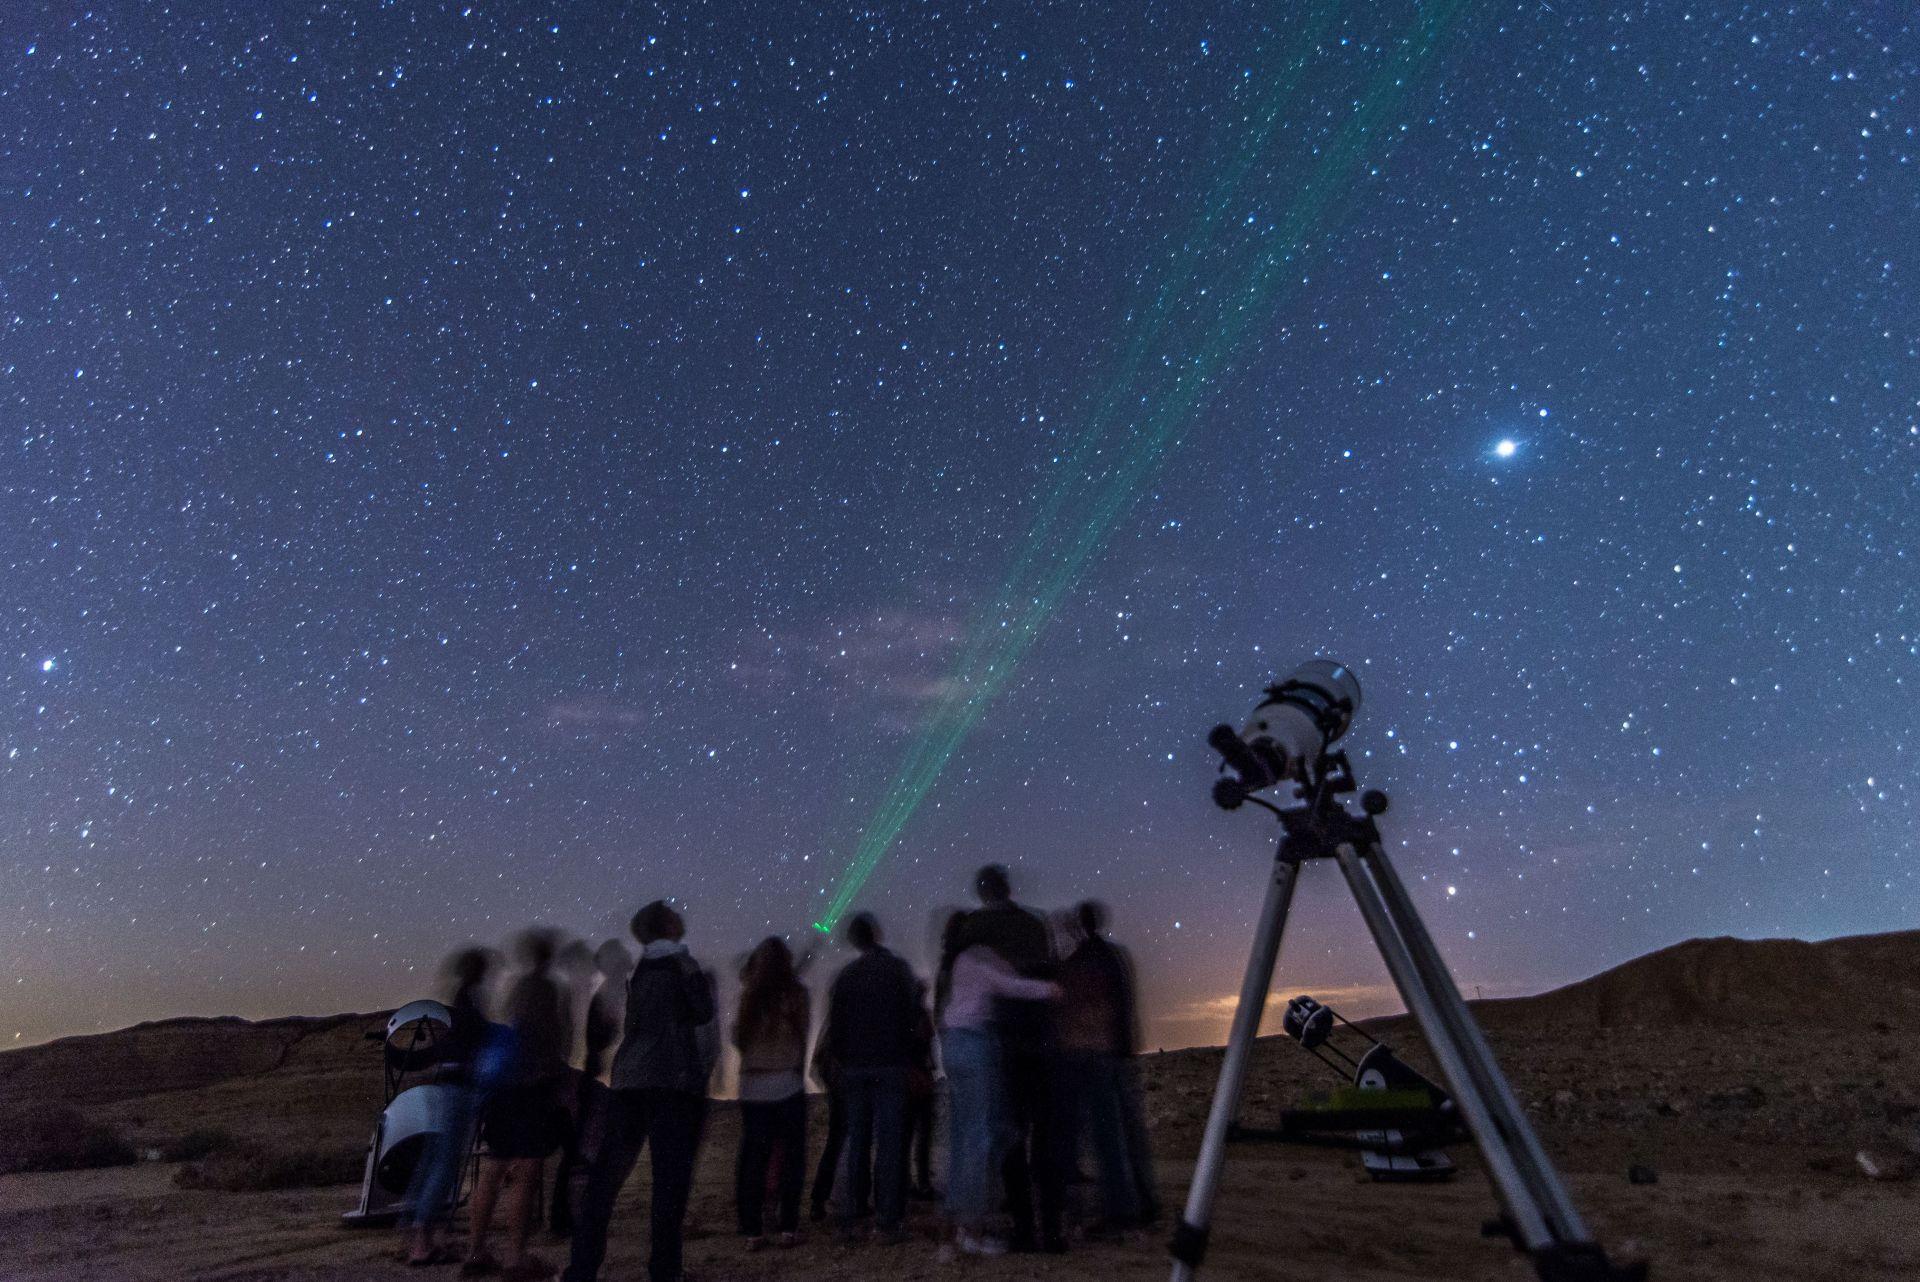 Sternefestival in der Wüste Negev, Israel, im August 2018.